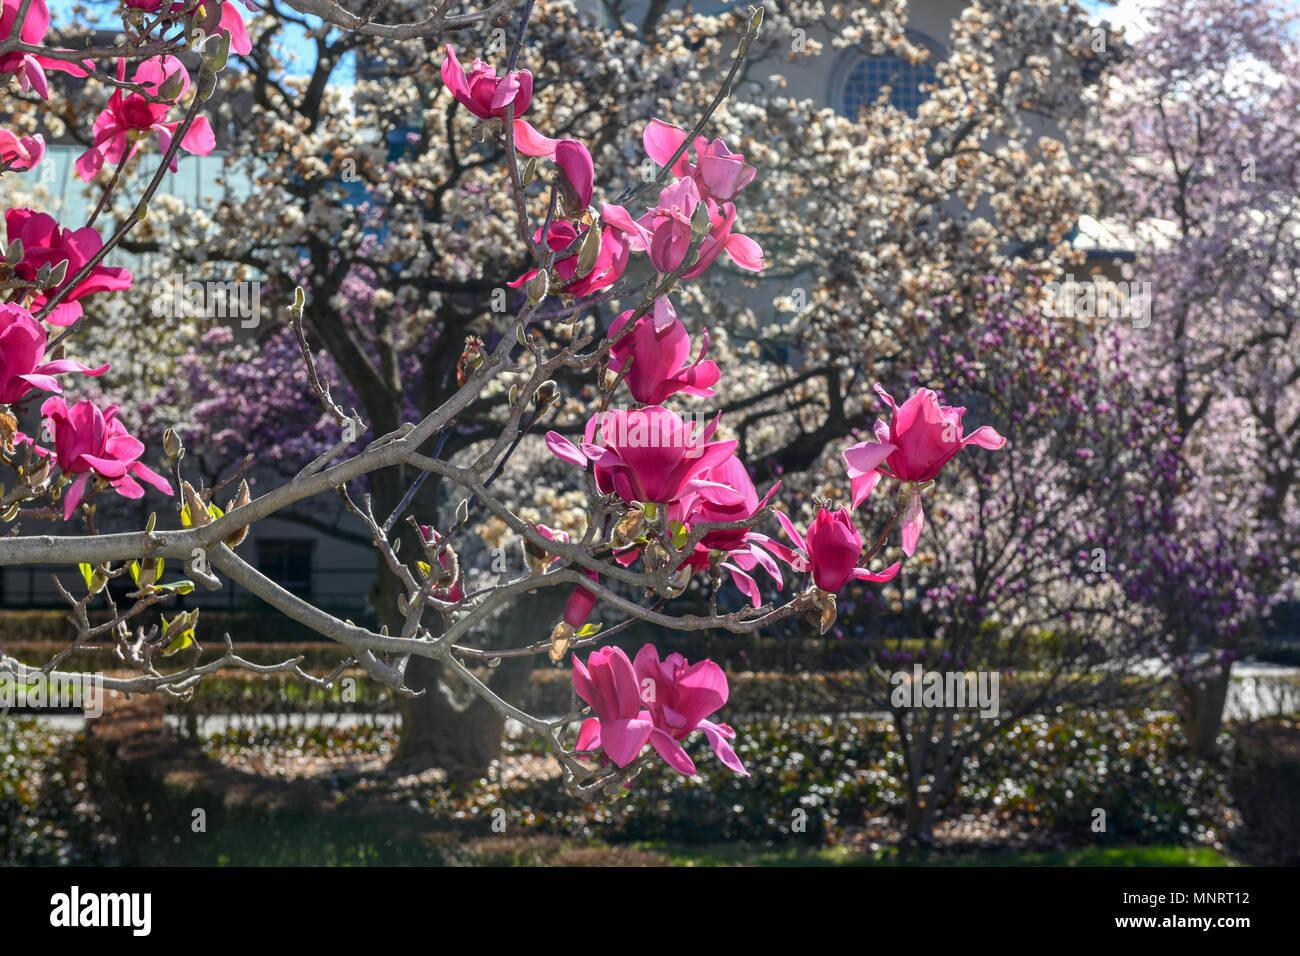 Ny Botanical Garden Sign Stock Photos & Ny Botanical Garden